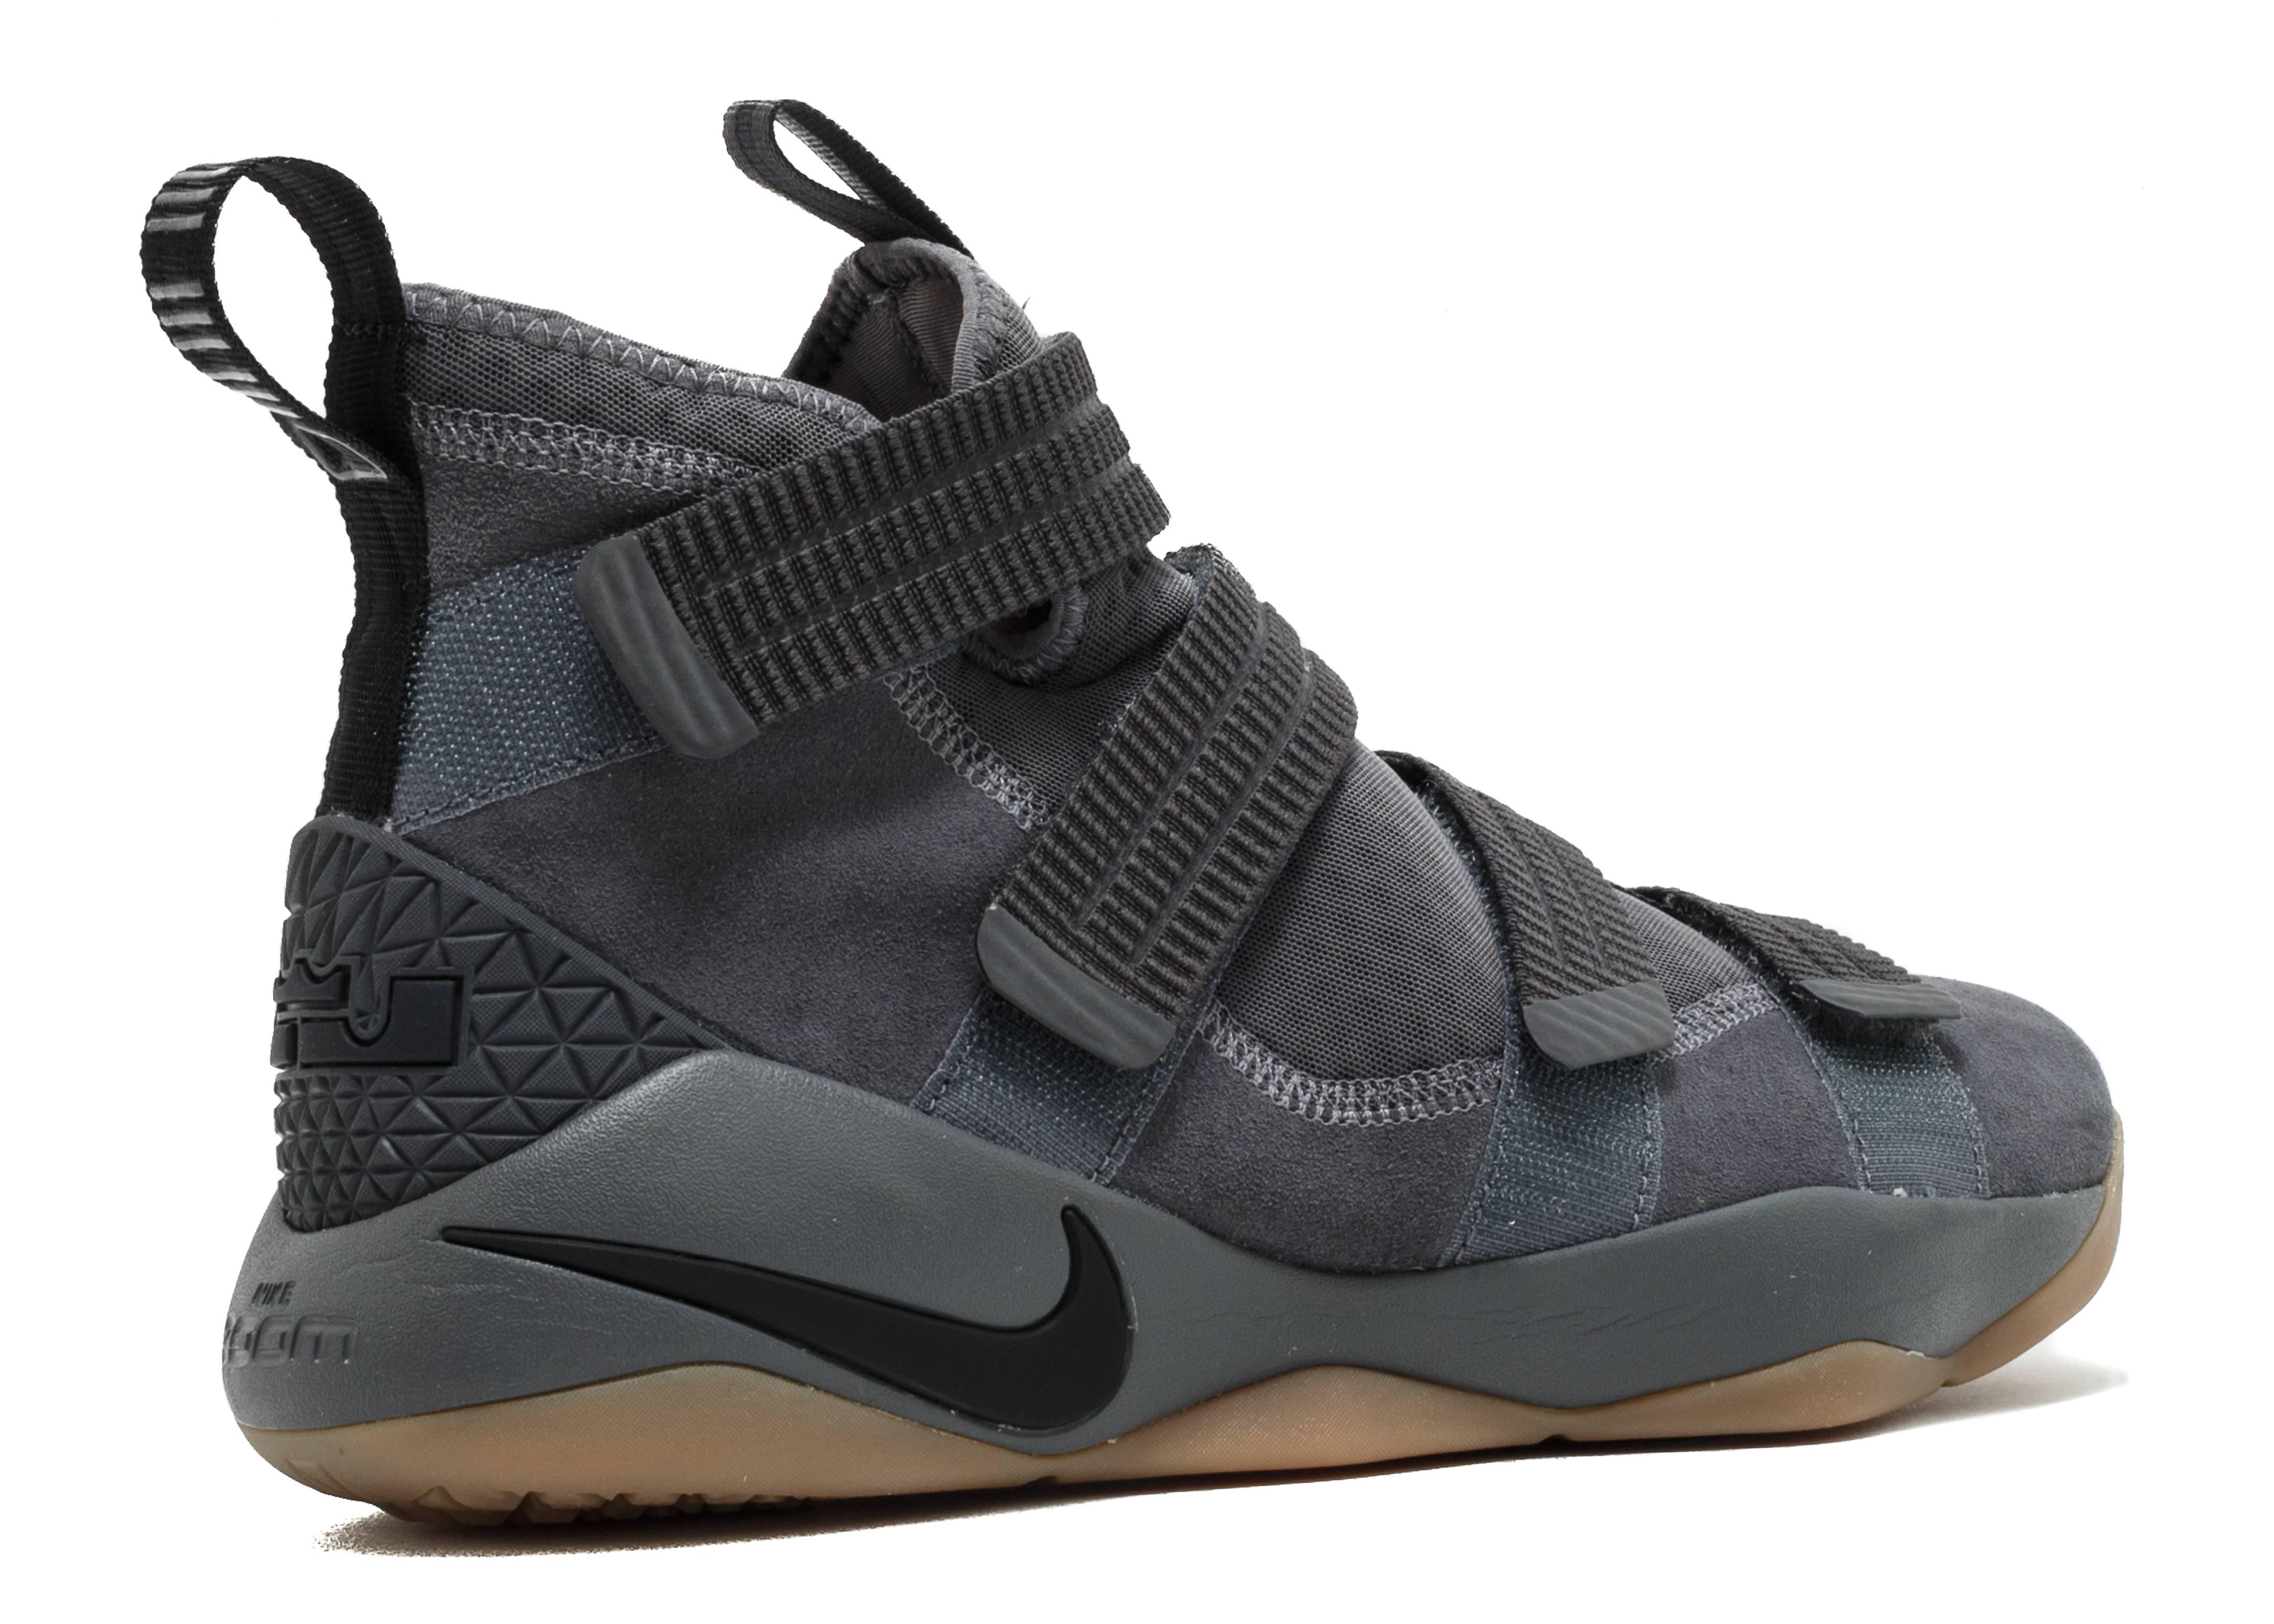 9983434875c Lebron Soldier Xi Sfg - Nike - 897646 003 - dark grey  black-circuit orange